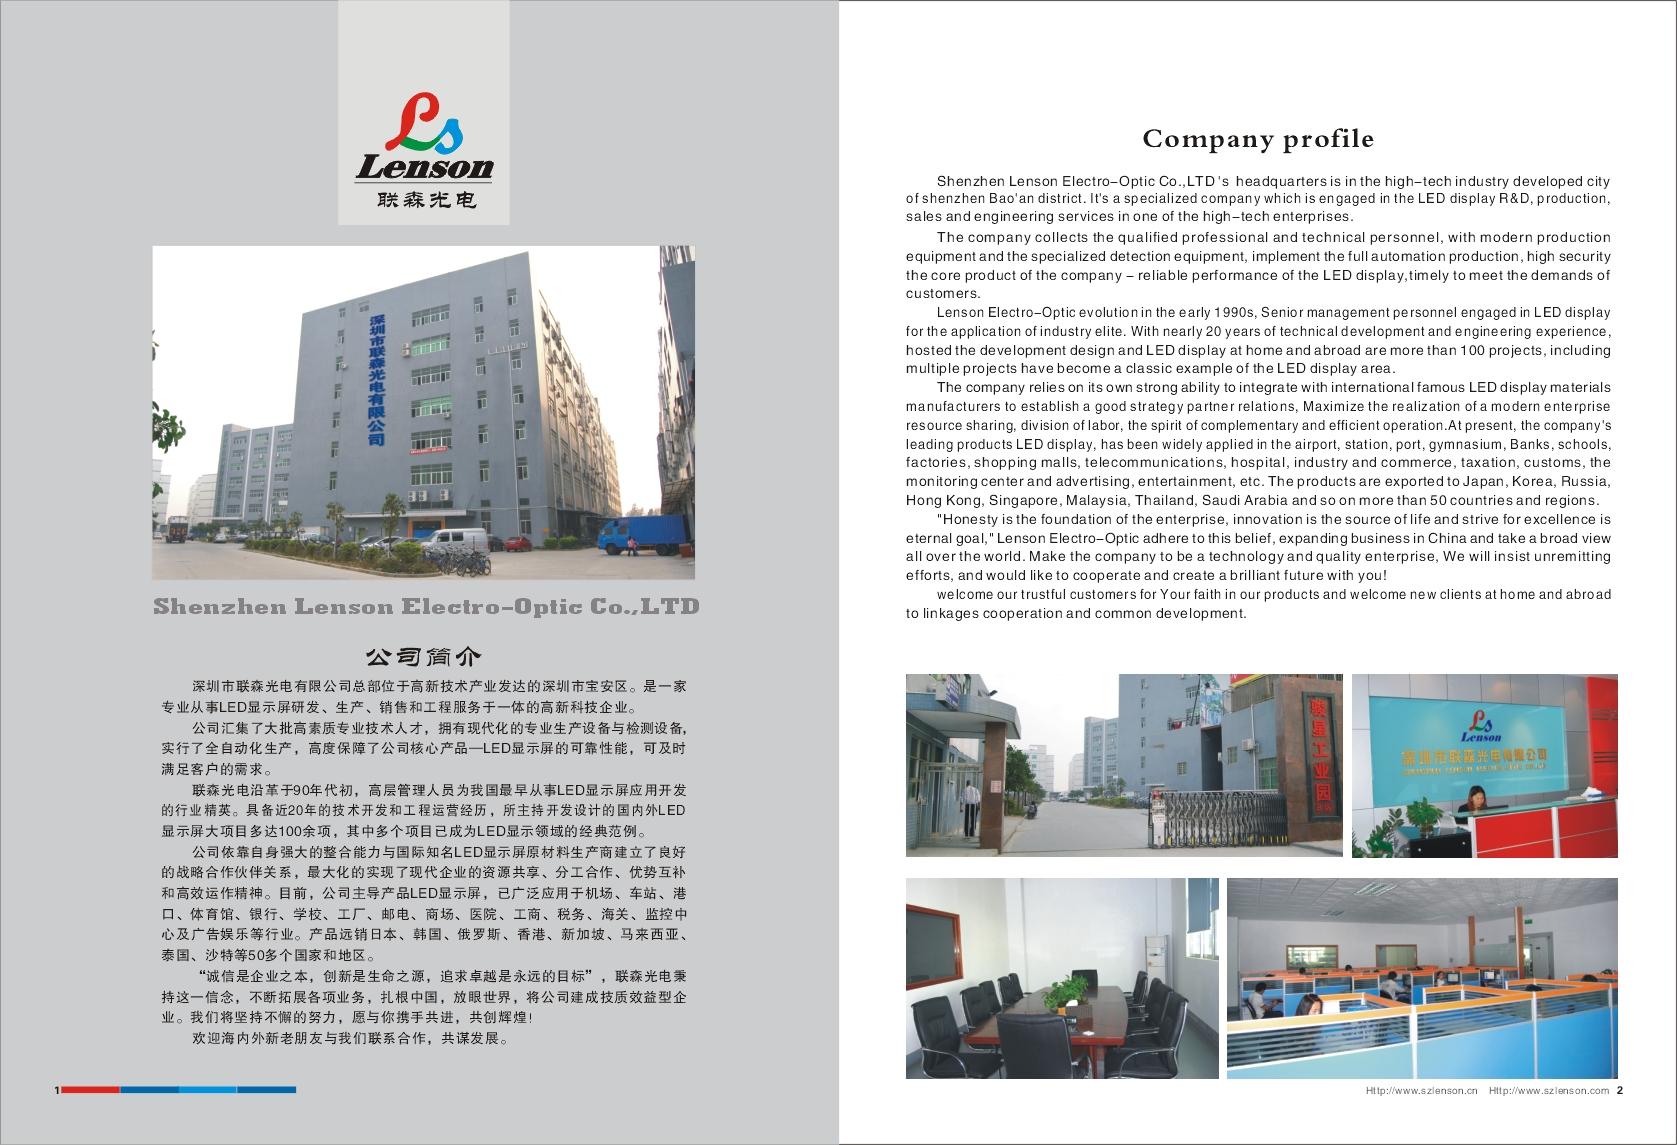 深圳市联森光电电子宣传册